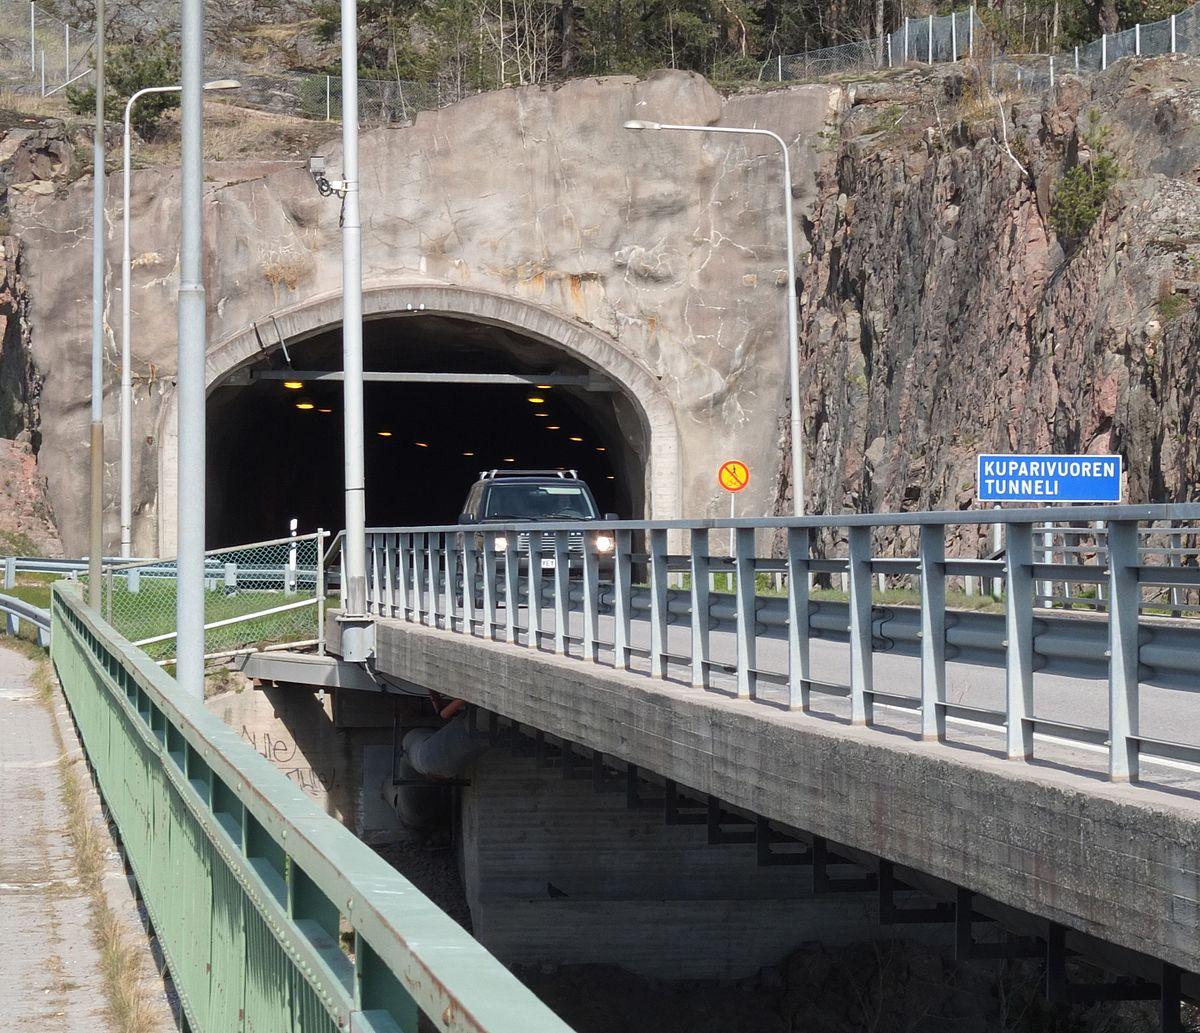 Kuparivuoren Tunneli